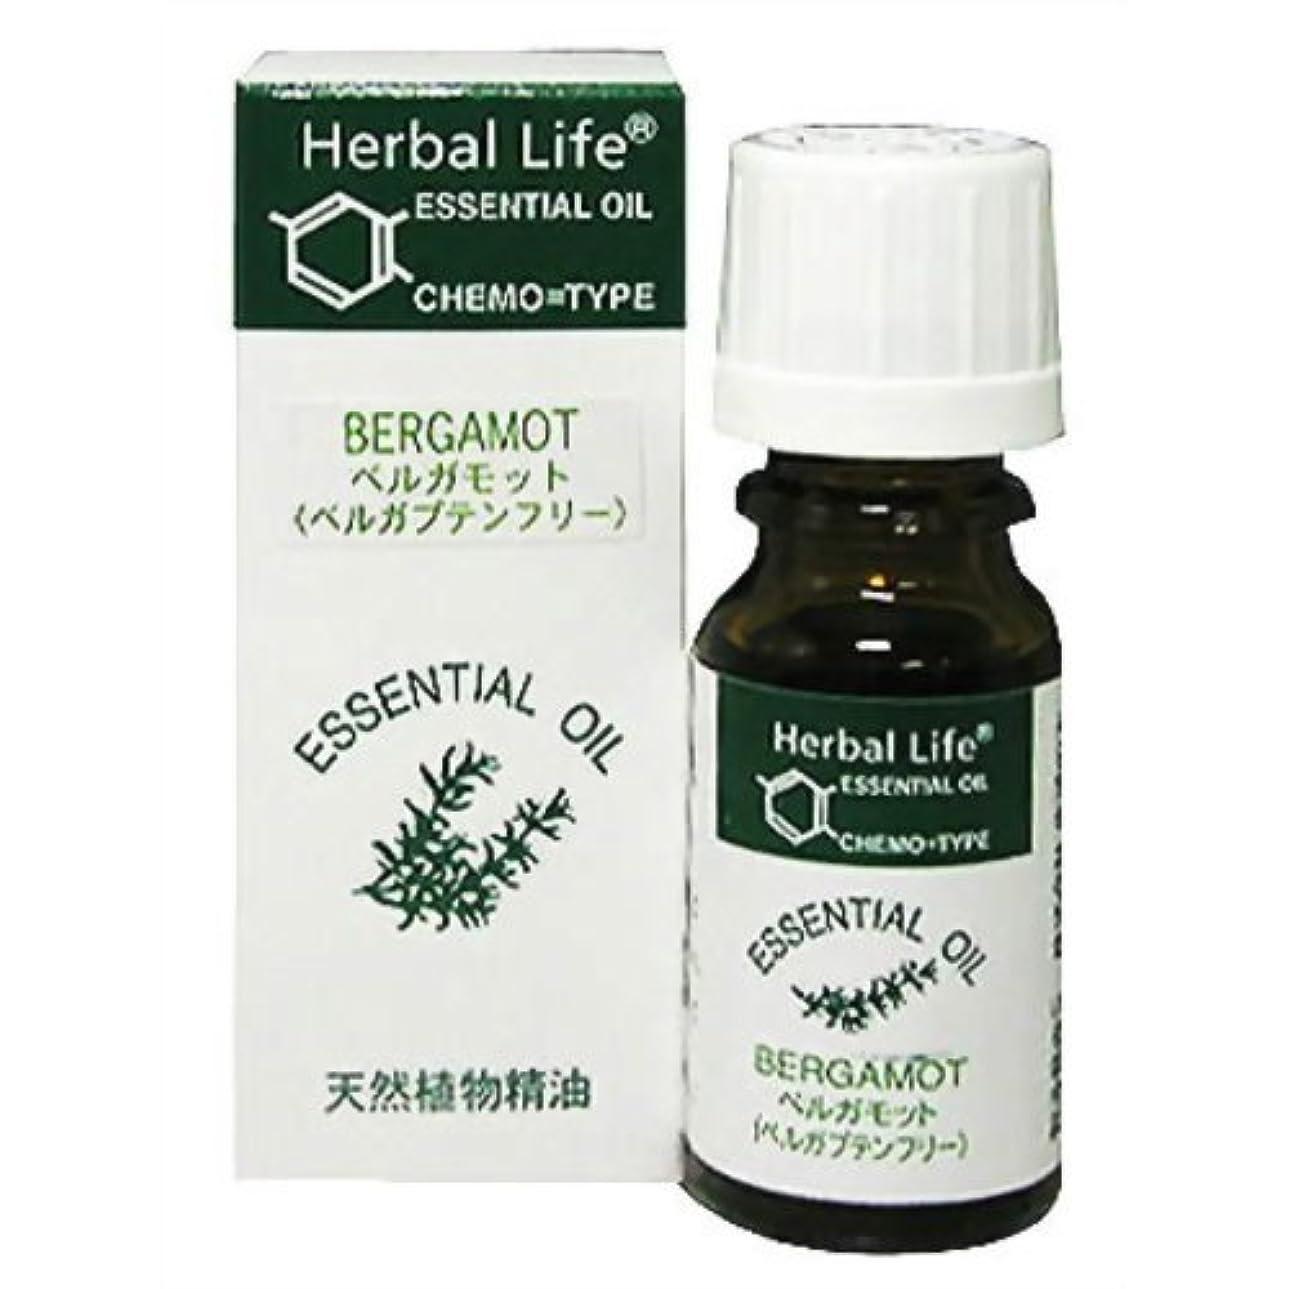 パレード有彩色の有害Herbal Life ベルガモット(ベルガプテンフリー) 10ml